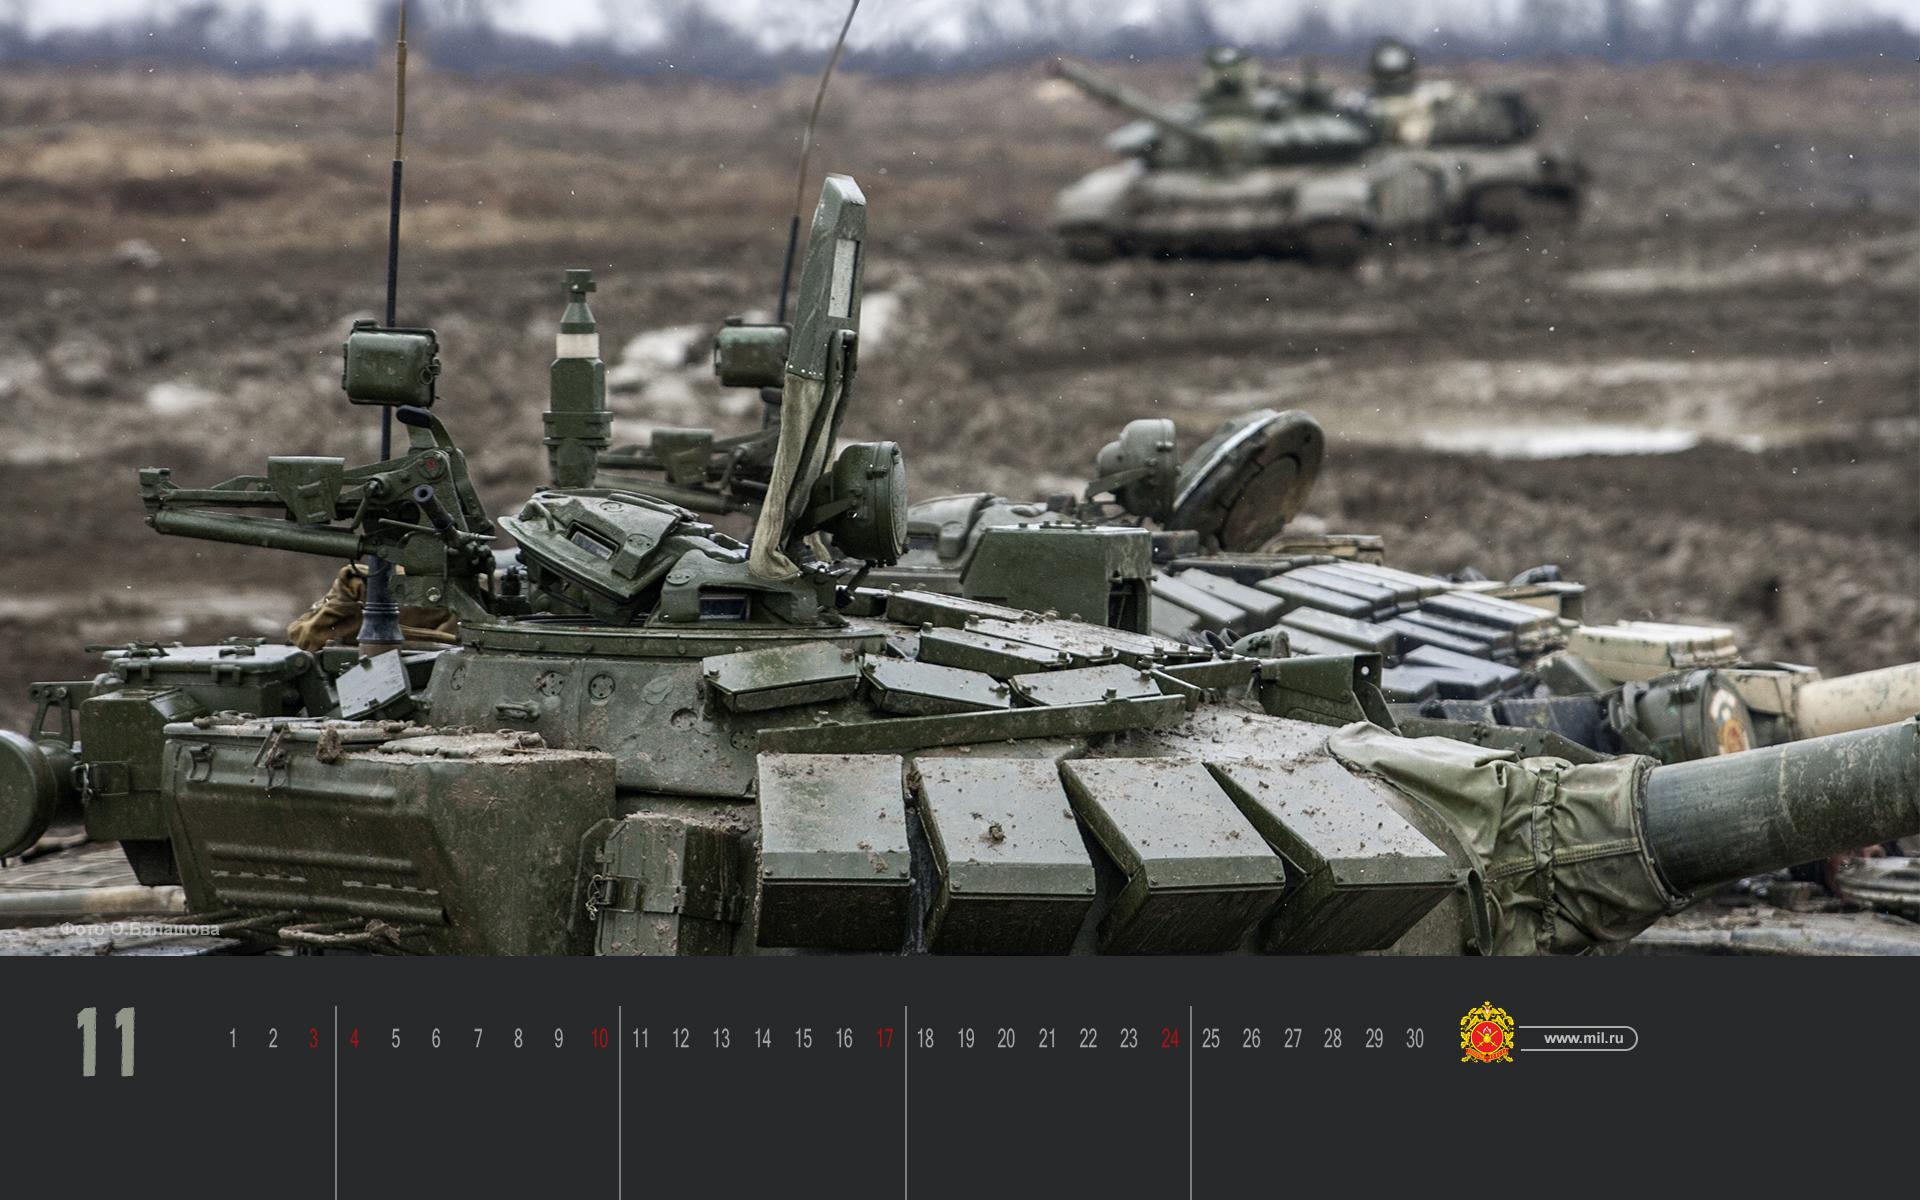 El nuevo ejército ruso... - Página 2 0_86dcb_36e858a7_orig